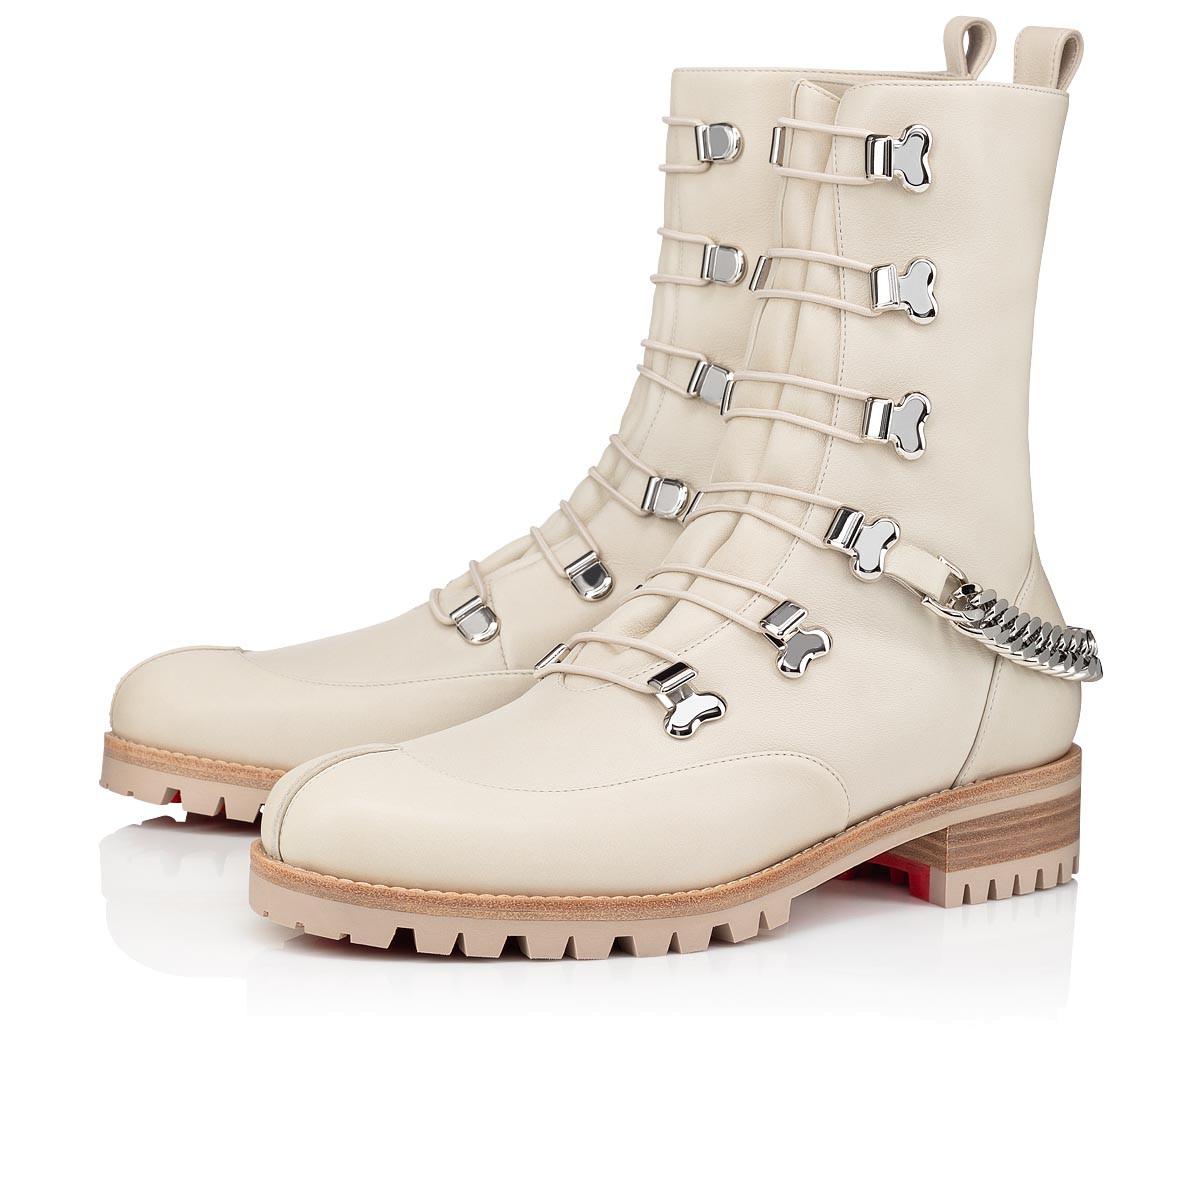 Shoes - Horse Guarda - Christian Louboutin